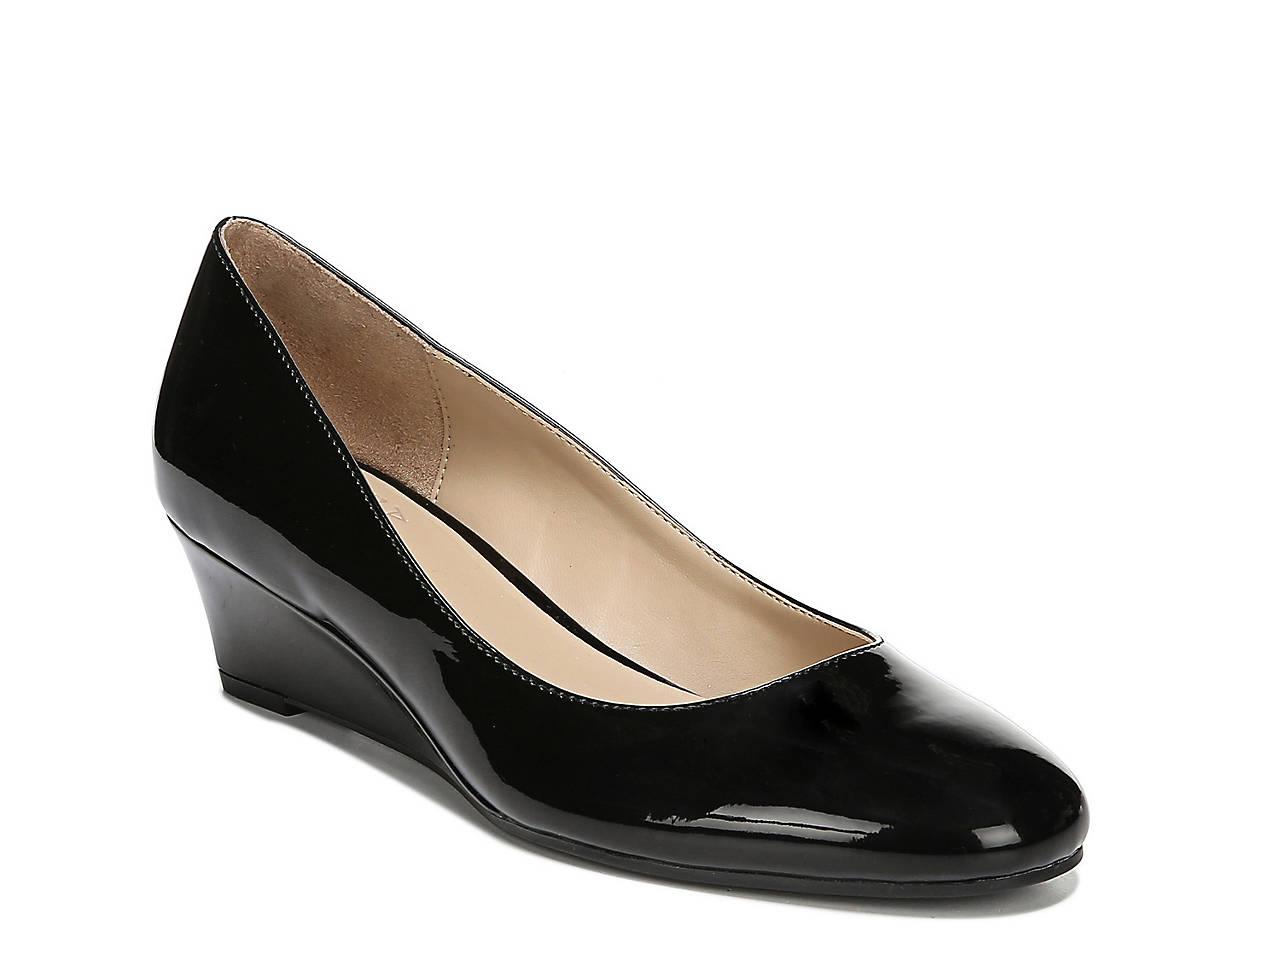 dbca6362079c Naturalizer Pilar Wedge Pump Women s Shoes